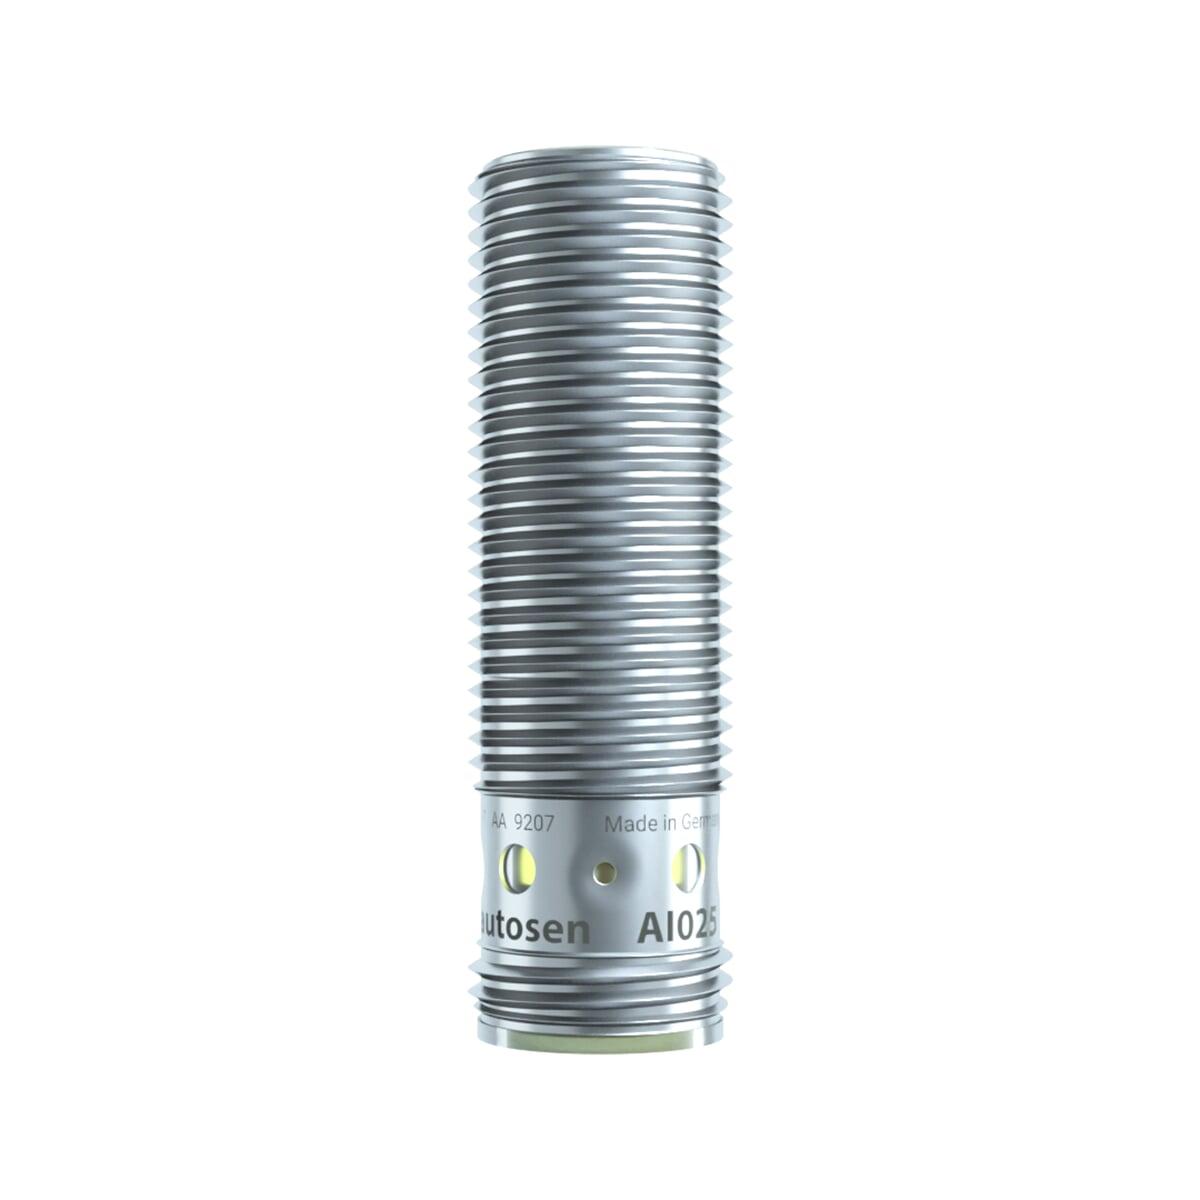 Induktiver Sensor High Resistance Class M8x1 Metallgew autosen AI024